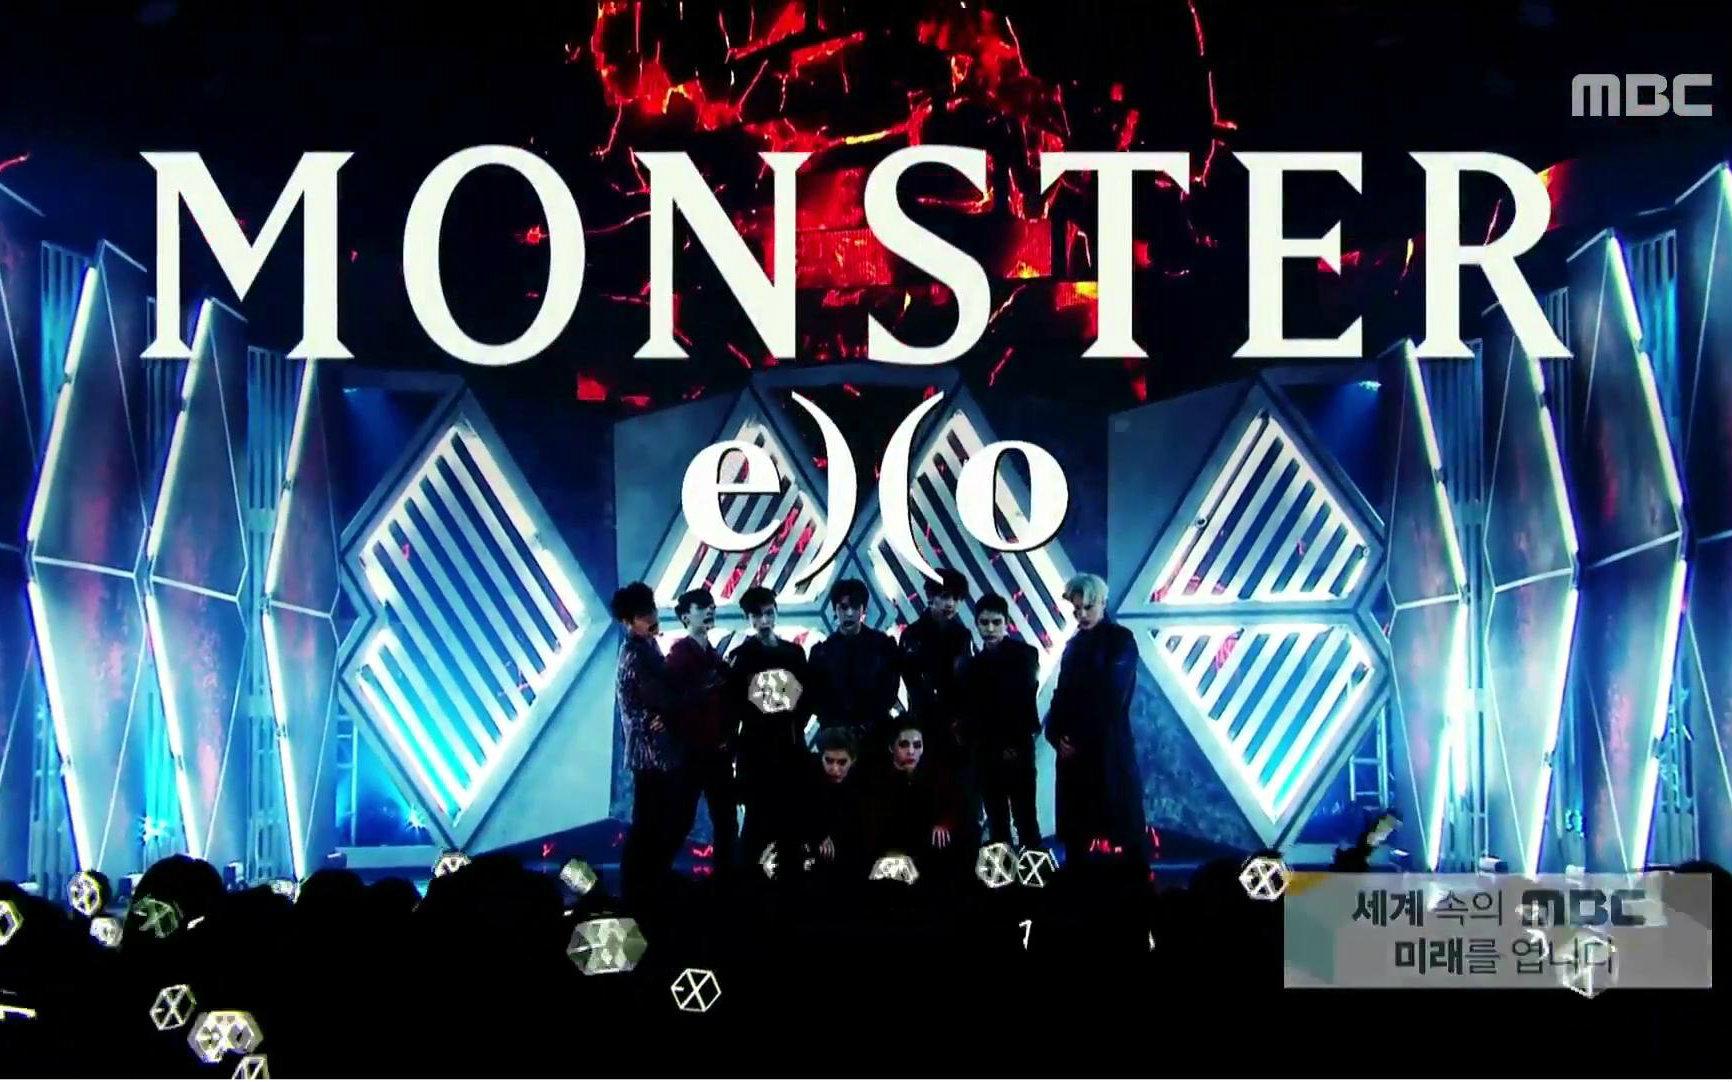 【exo】《monster》现场 mix_korea相关_娱乐__哔哩哔